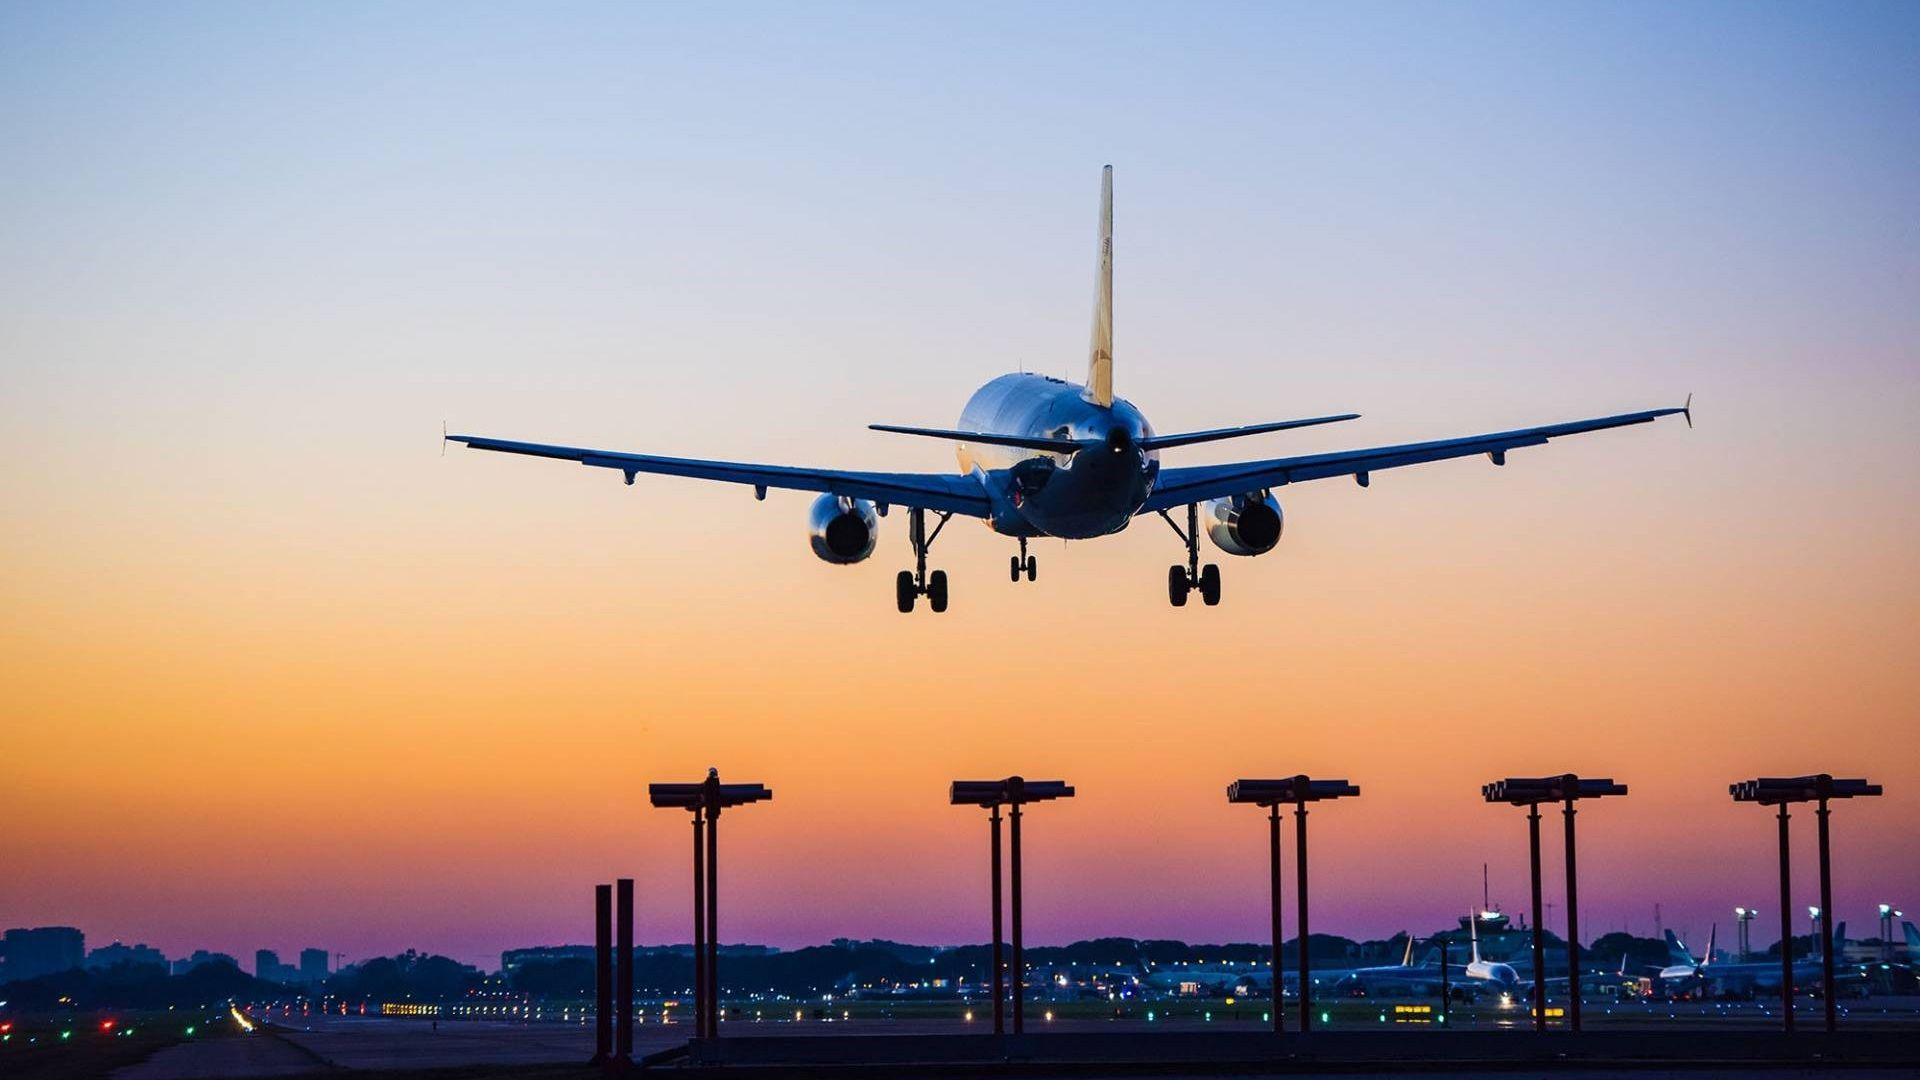 American Airlines anunció nuevos vuelos entre Argentina y Estados Unidos